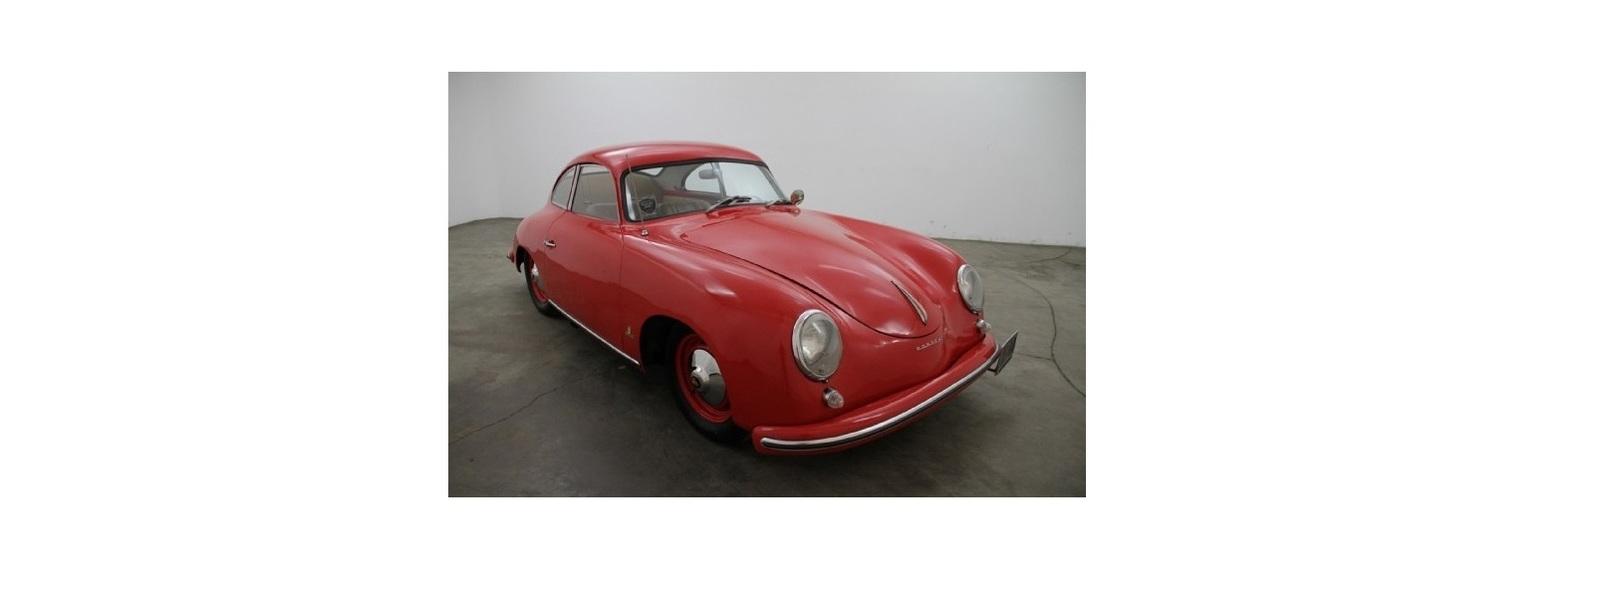 356 Pre A Knickscheibe Avtomobili Clanov Porsche Klub